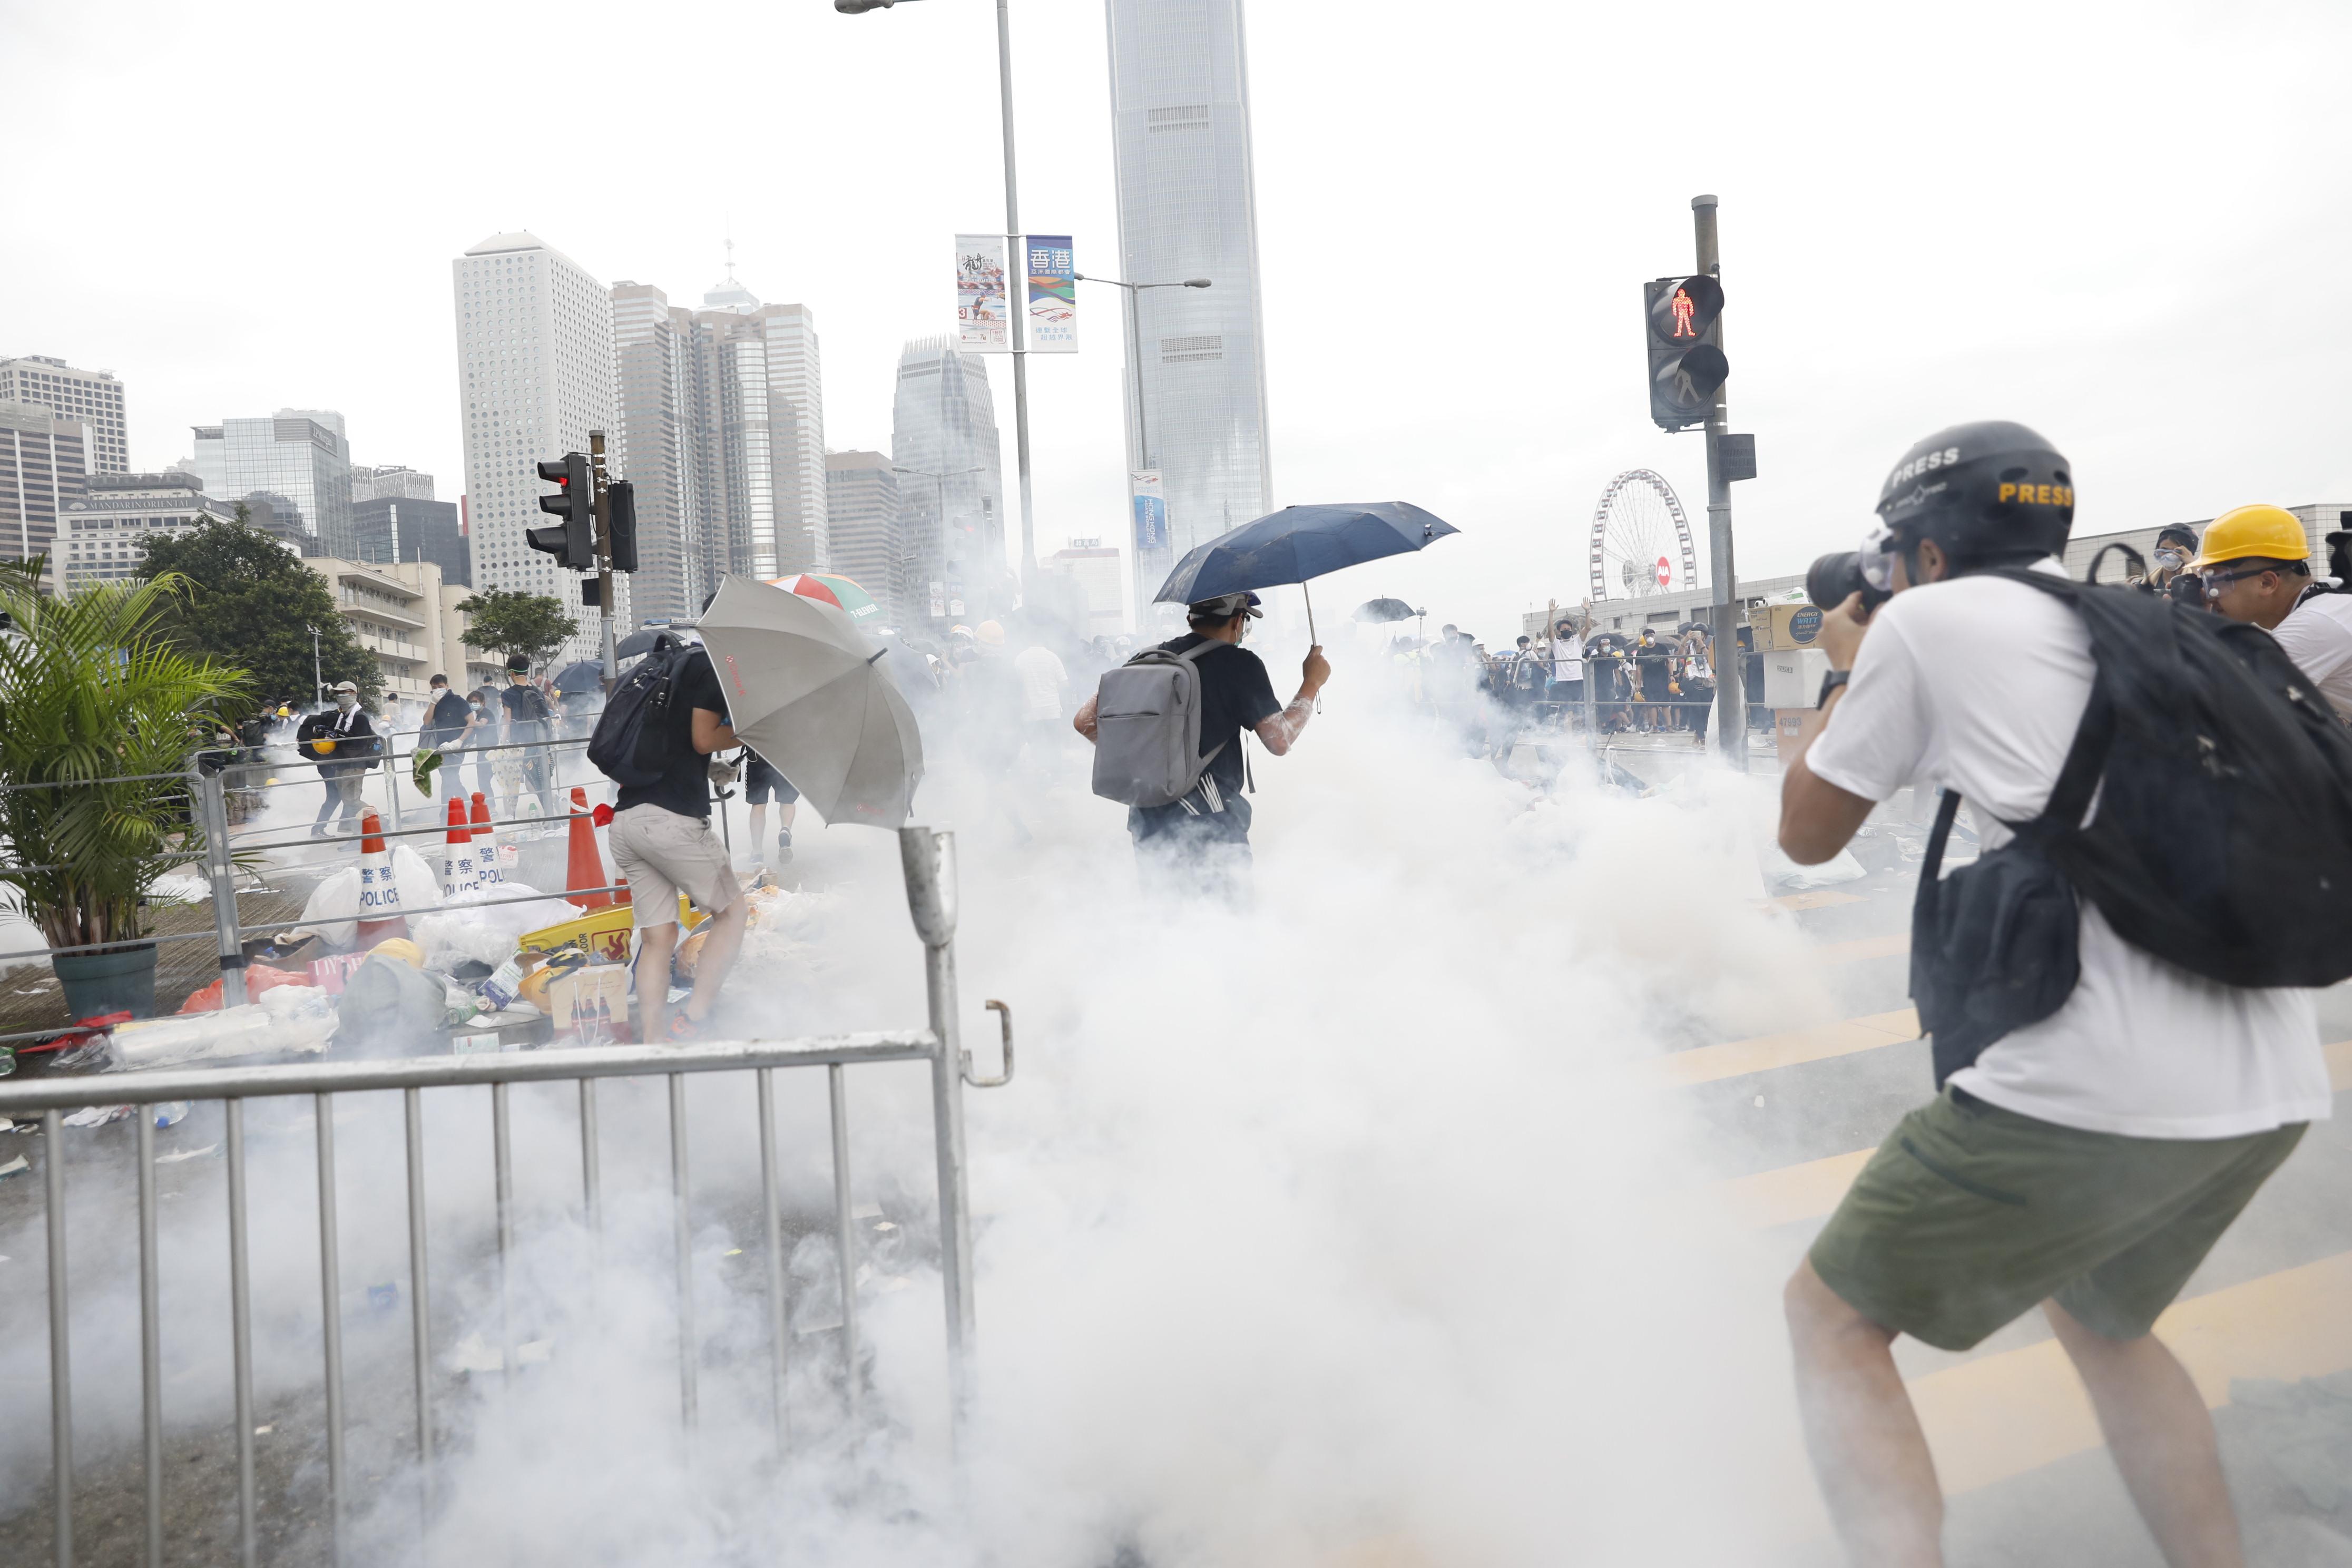 香港警察が催涙ガス-行政長官は秩序回復促す、条例撤回意思なし - Bloomberg